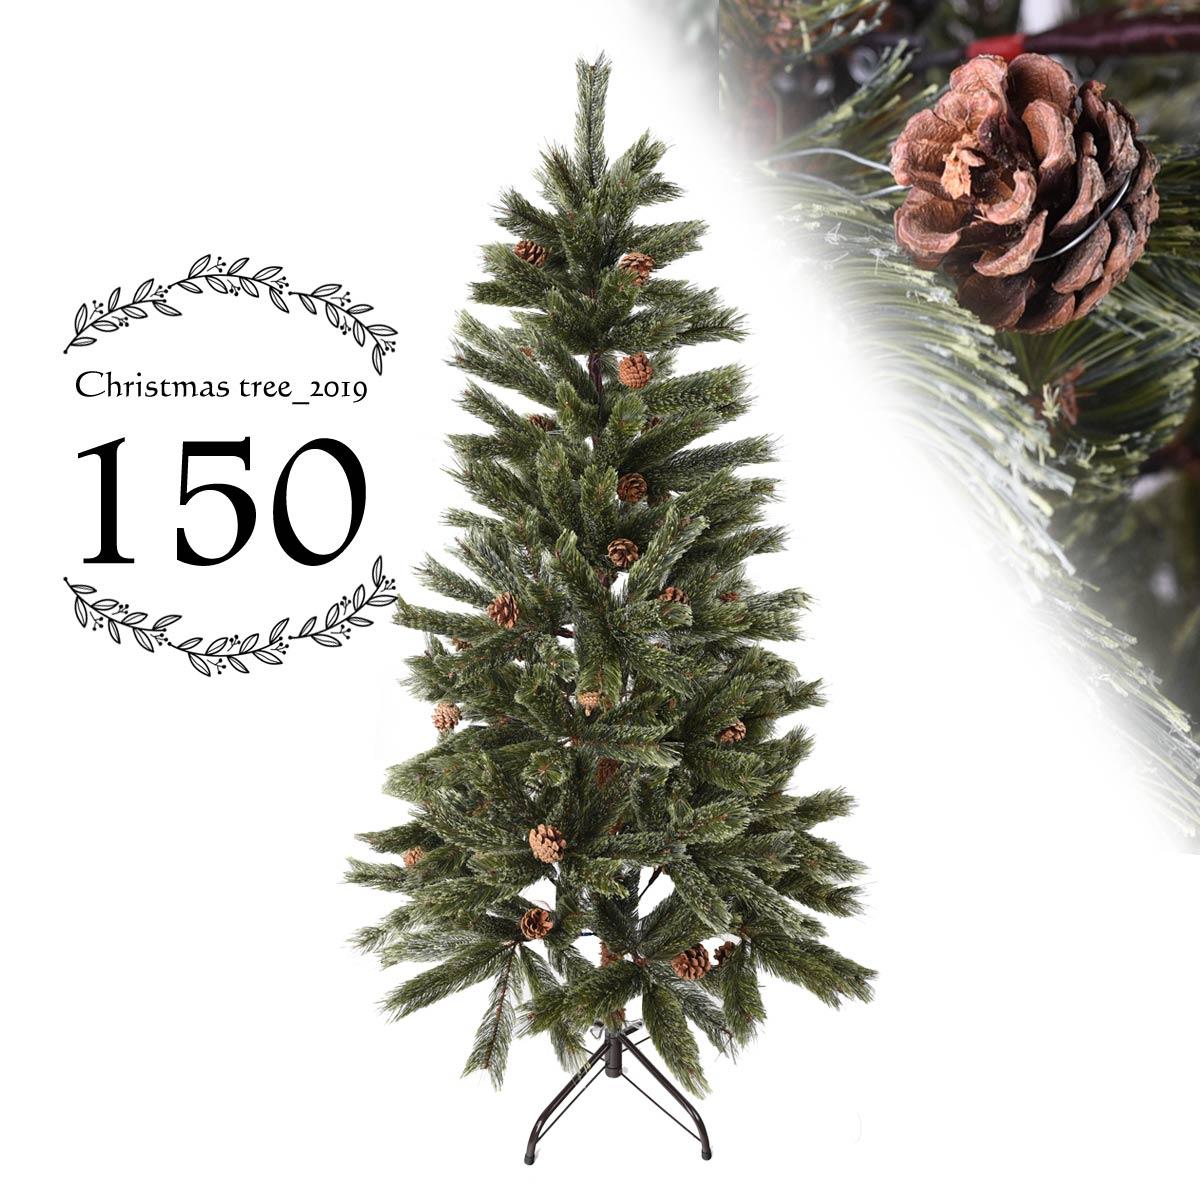 クリスマスツリー ドイツトウヒ ヌードツリー 150cm クリスマス ツリー スリム 北欧 もみの木 おしゃれ ヒンジ式 緑 deal cm19b